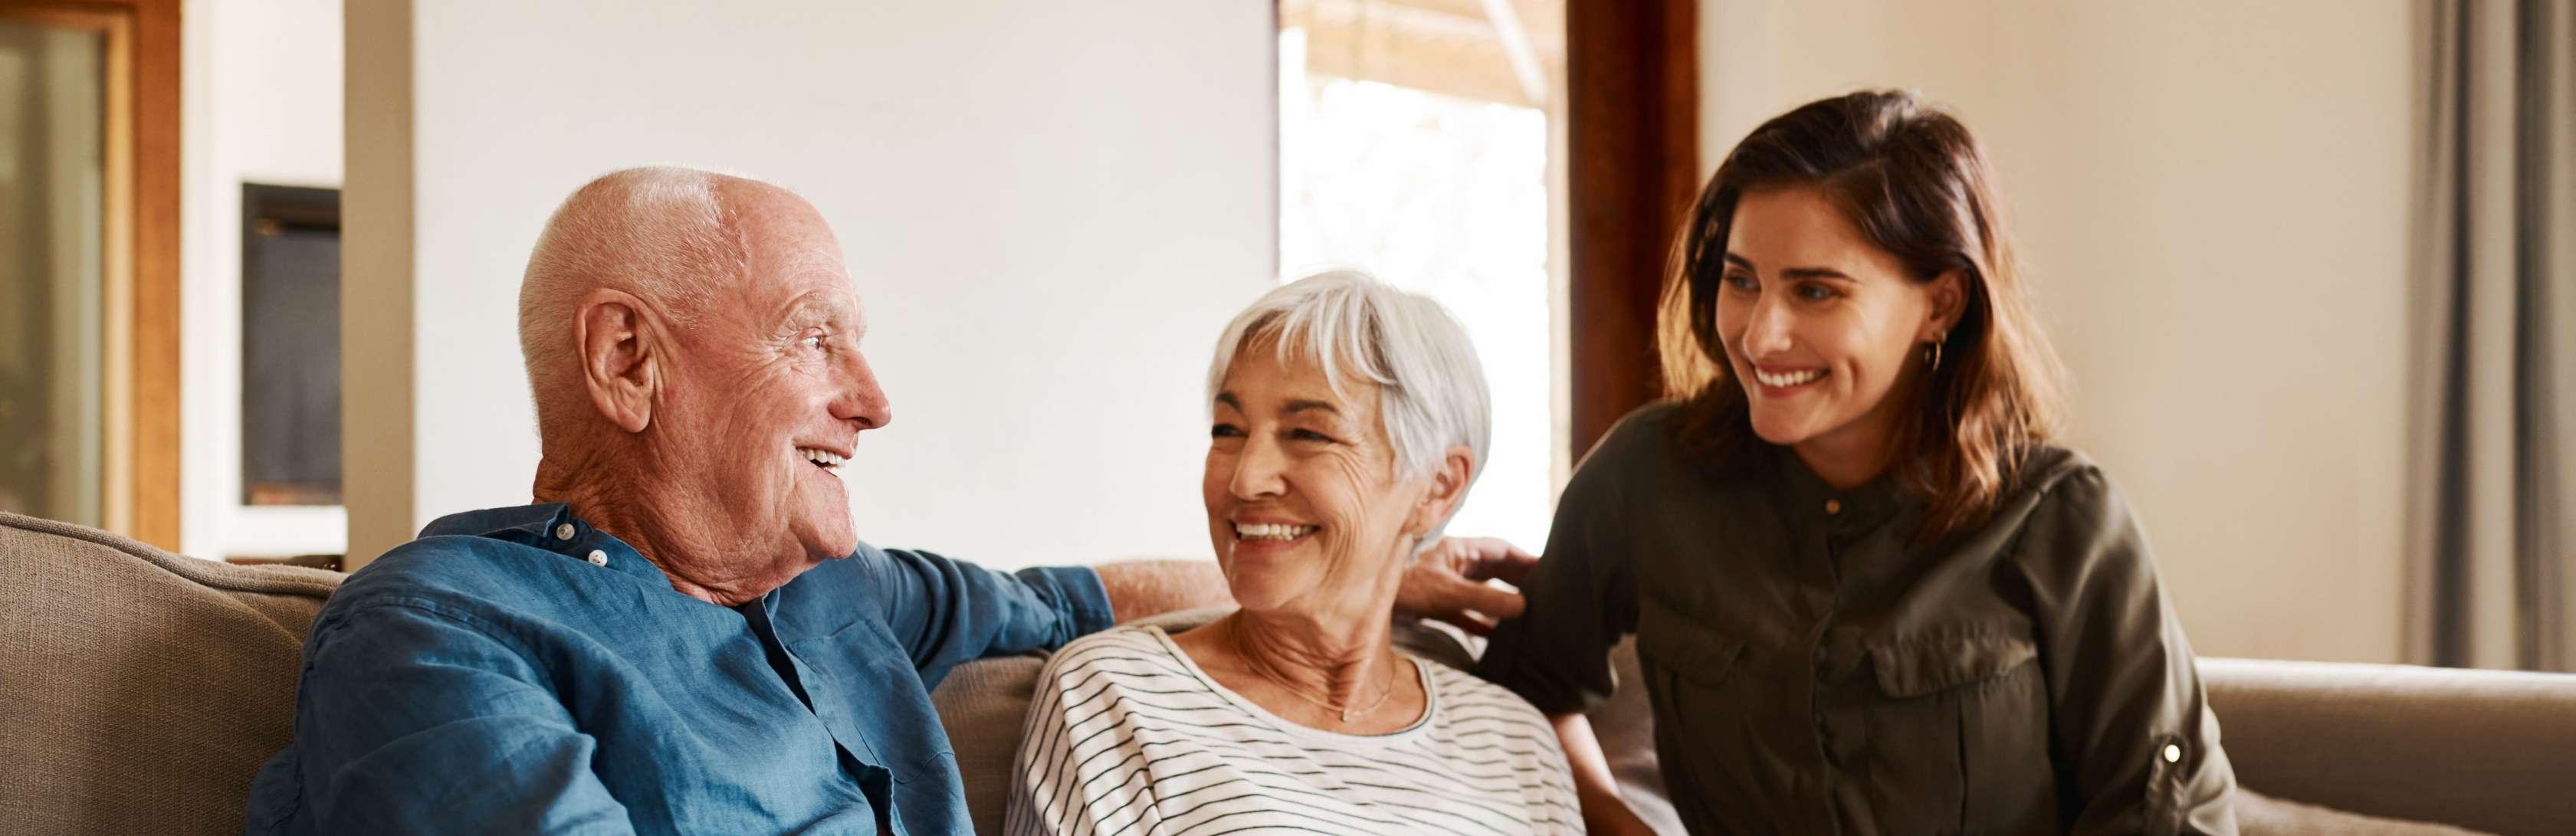 Risikolebensversicherun für Senioren und Rentner - Älteres Paar und junge Frau sitzen lachend auf einem Sofa